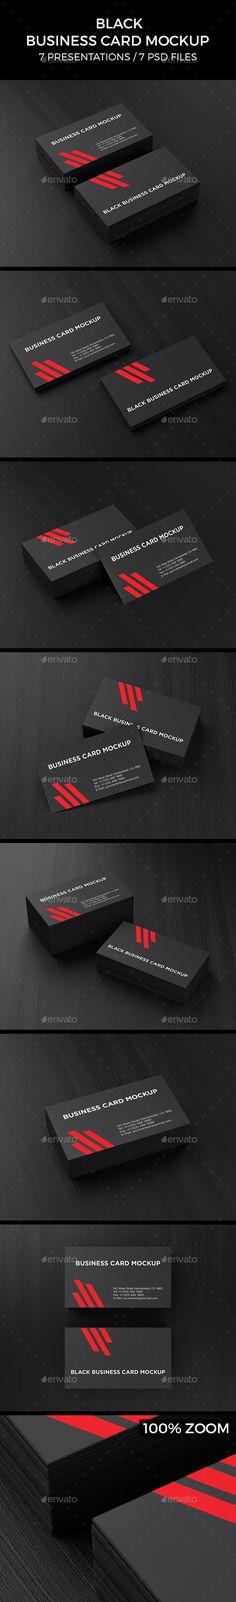 Black Business Card Mockup